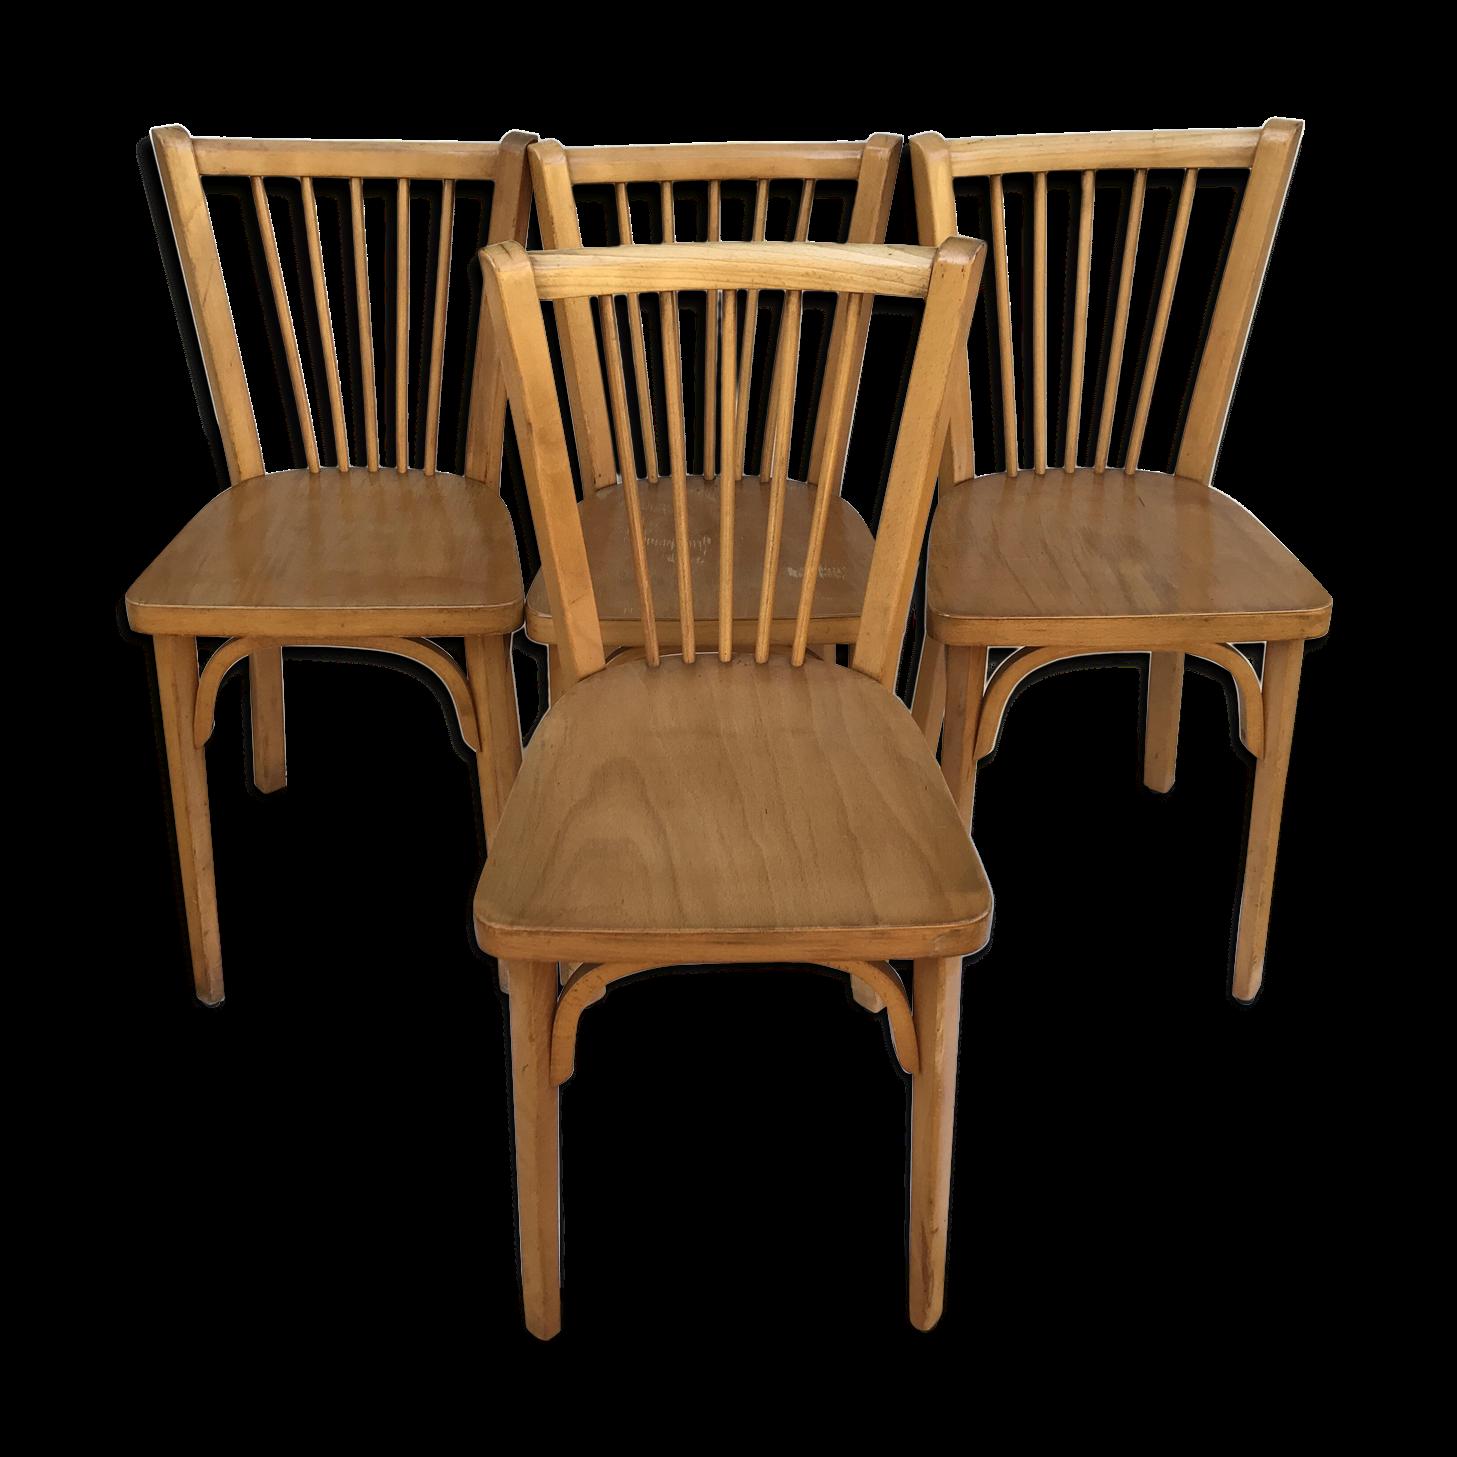 Chaise baumann prix 161 chaise id es for Chaise en bois prix